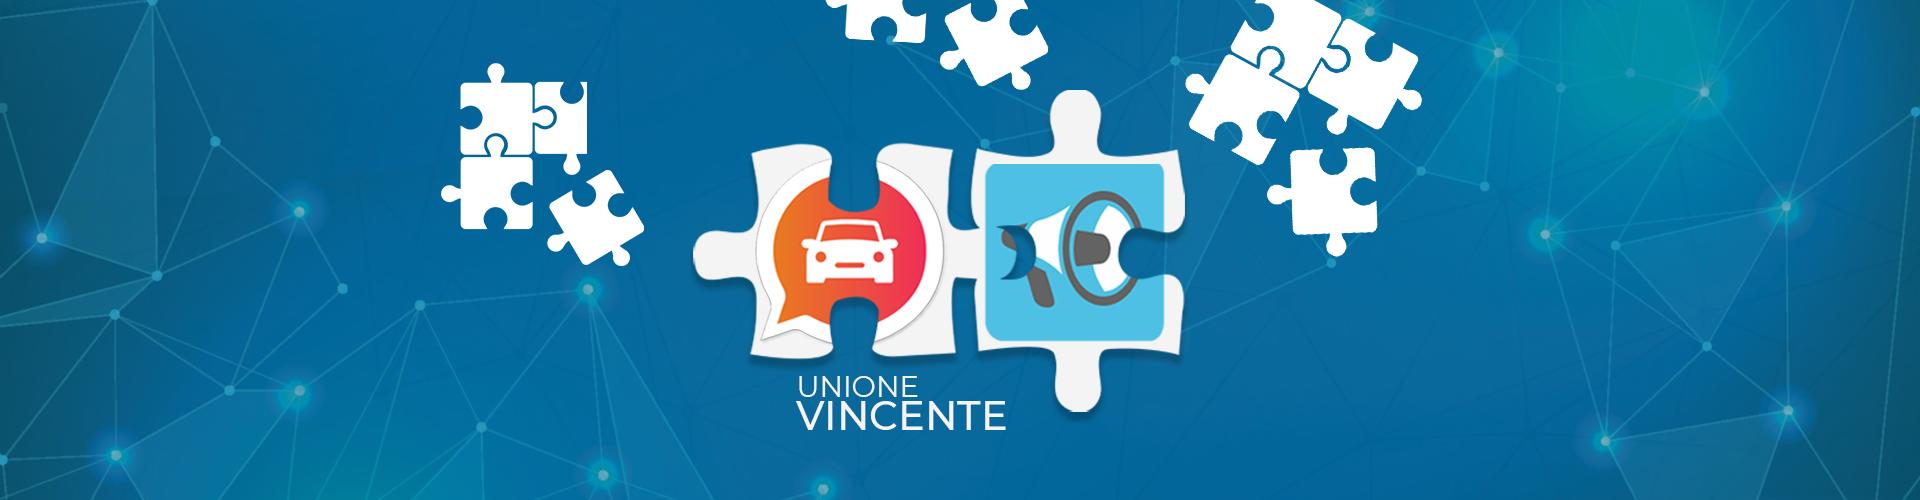 LiveCAR e Publisher Unione Vincente